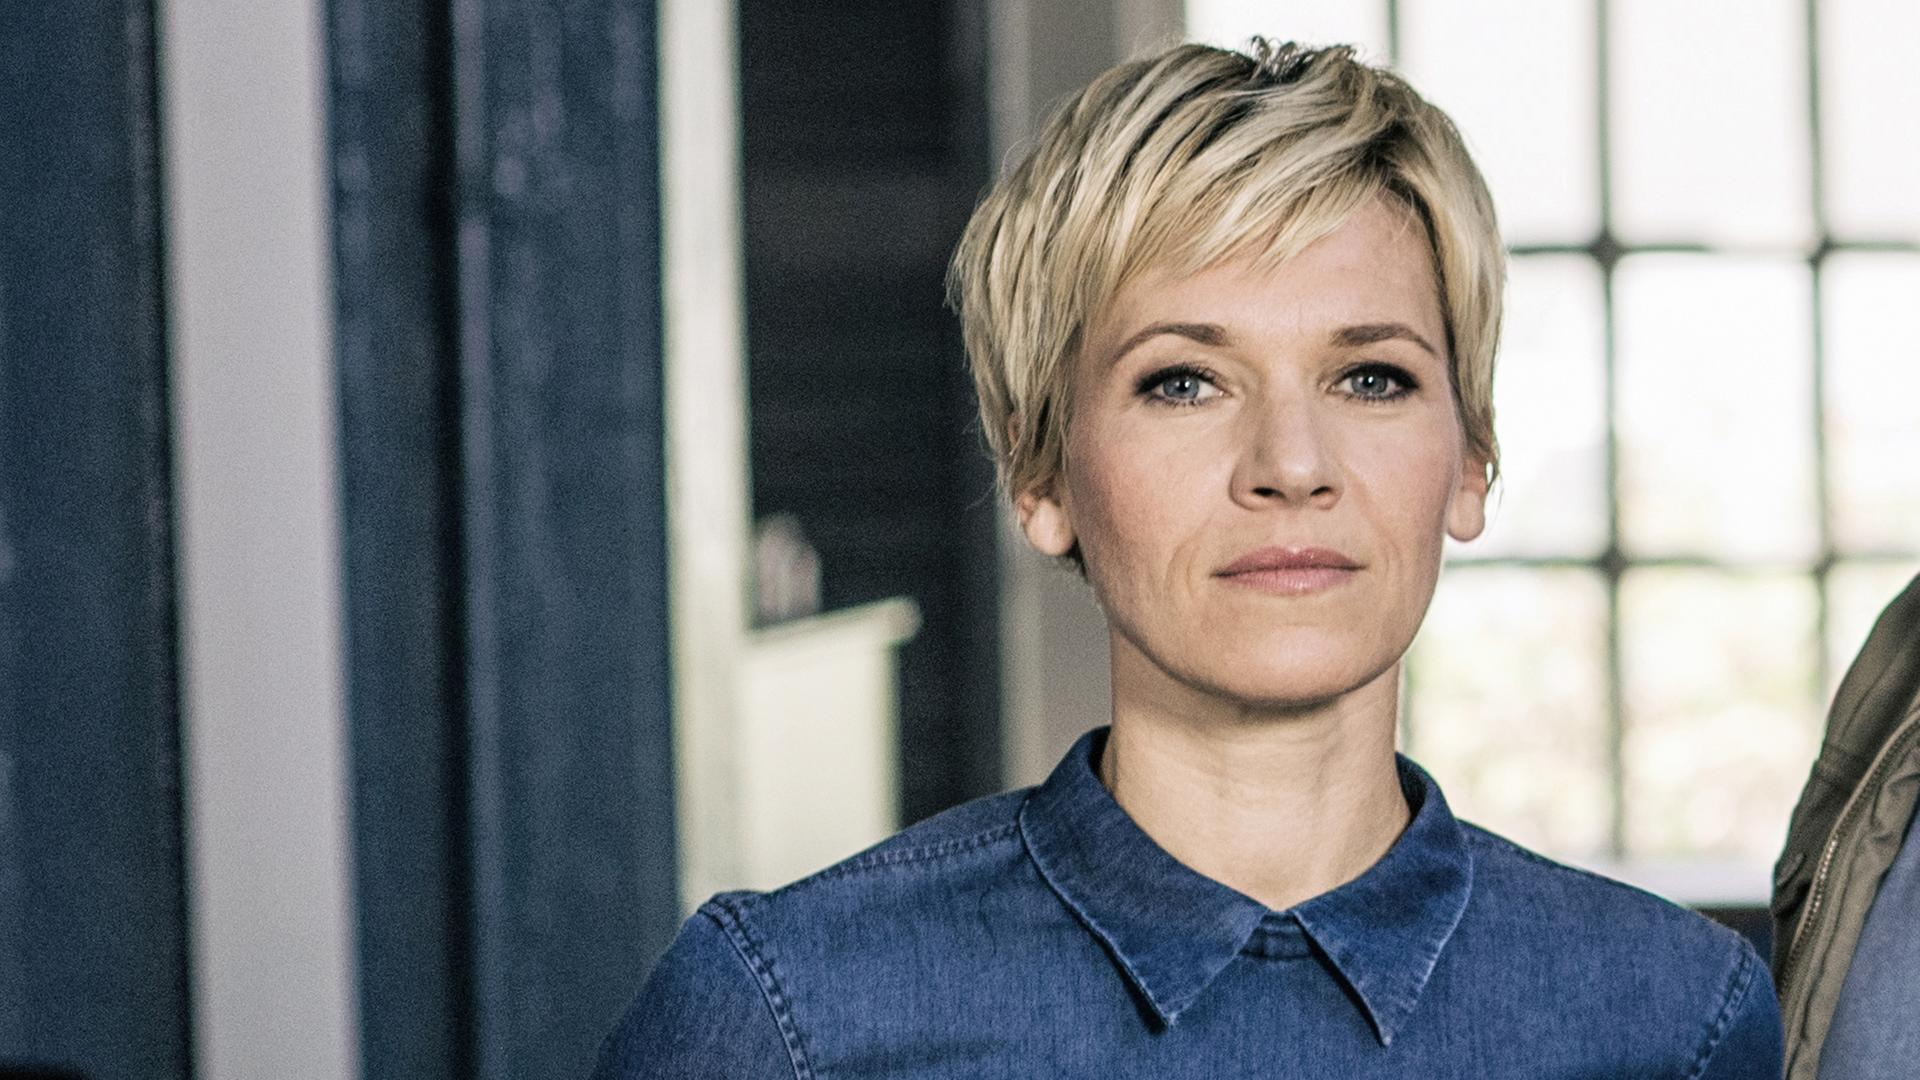 Kerstin Landsmann Ein Schauspielerportrat Zdfmediathek